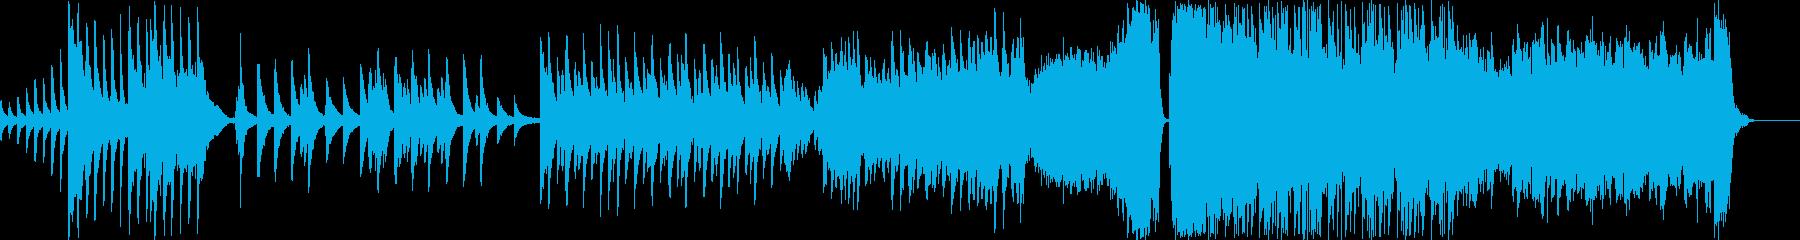 ピアノが中心の昔に思いを馳せるバラードの再生済みの波形